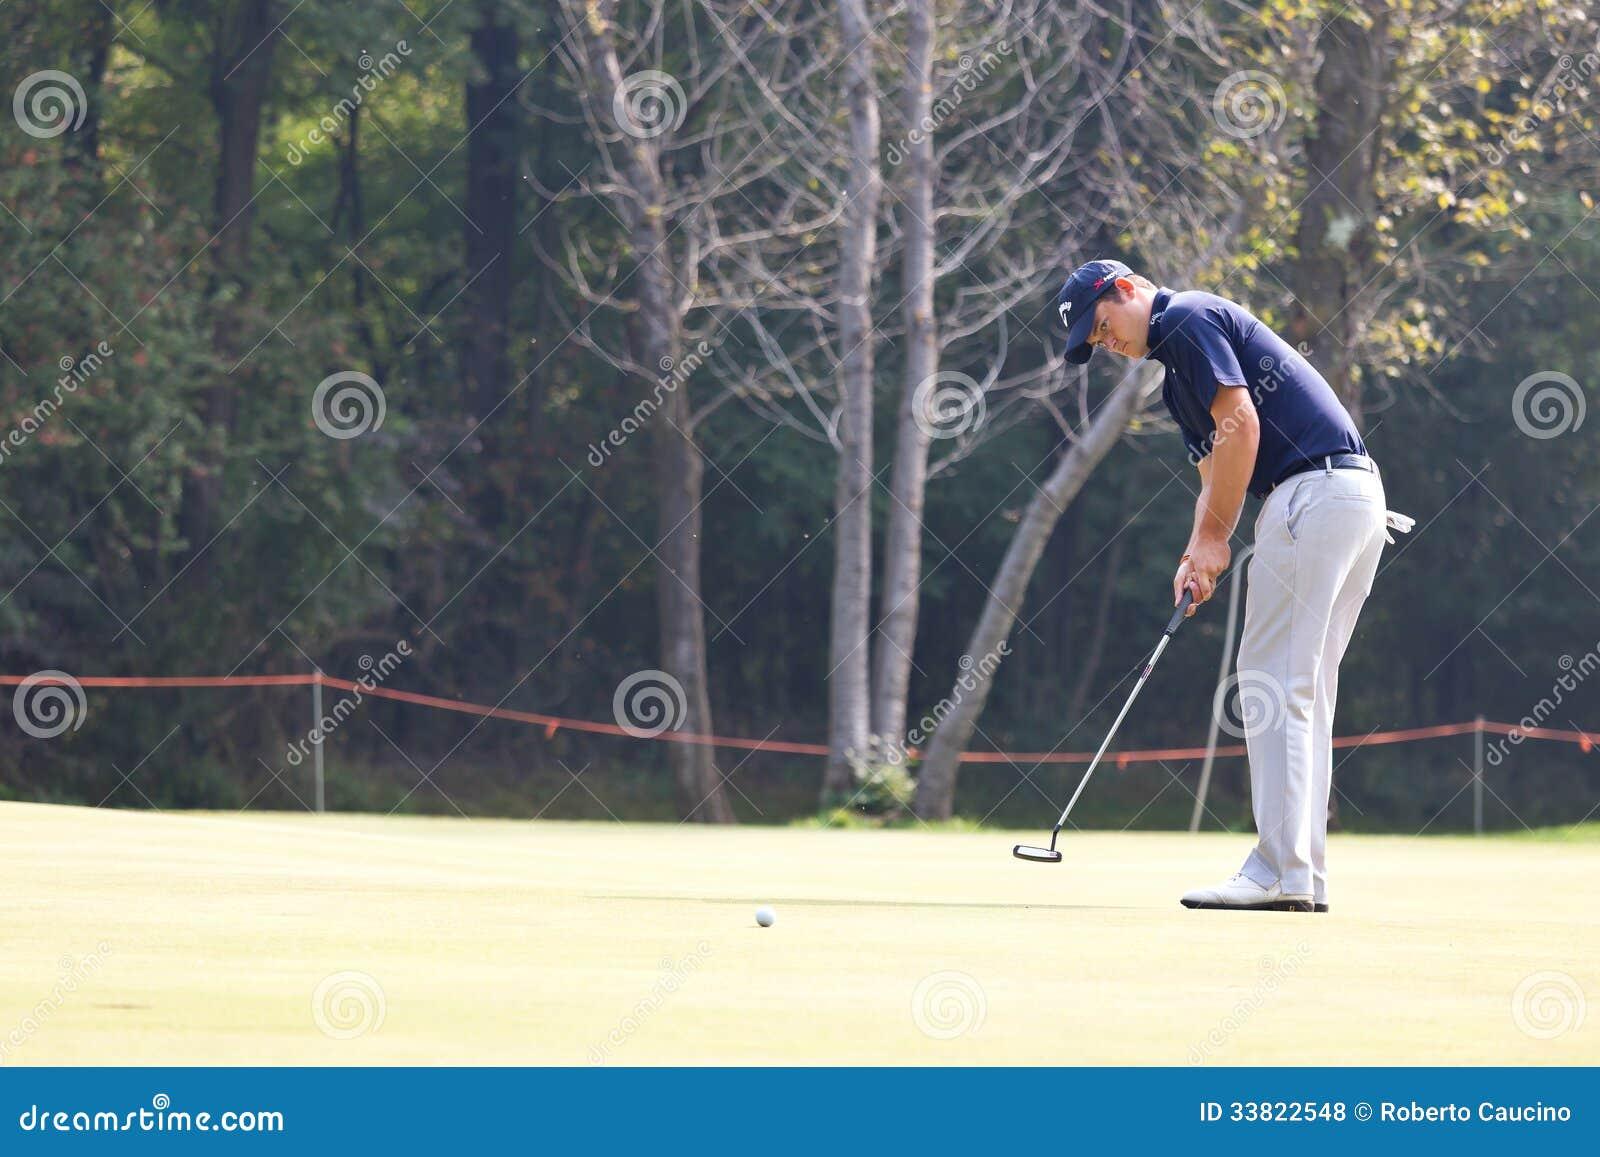 Torino (ITALIA) 22 settembre: 70  italiano aperto, club di golf Torino